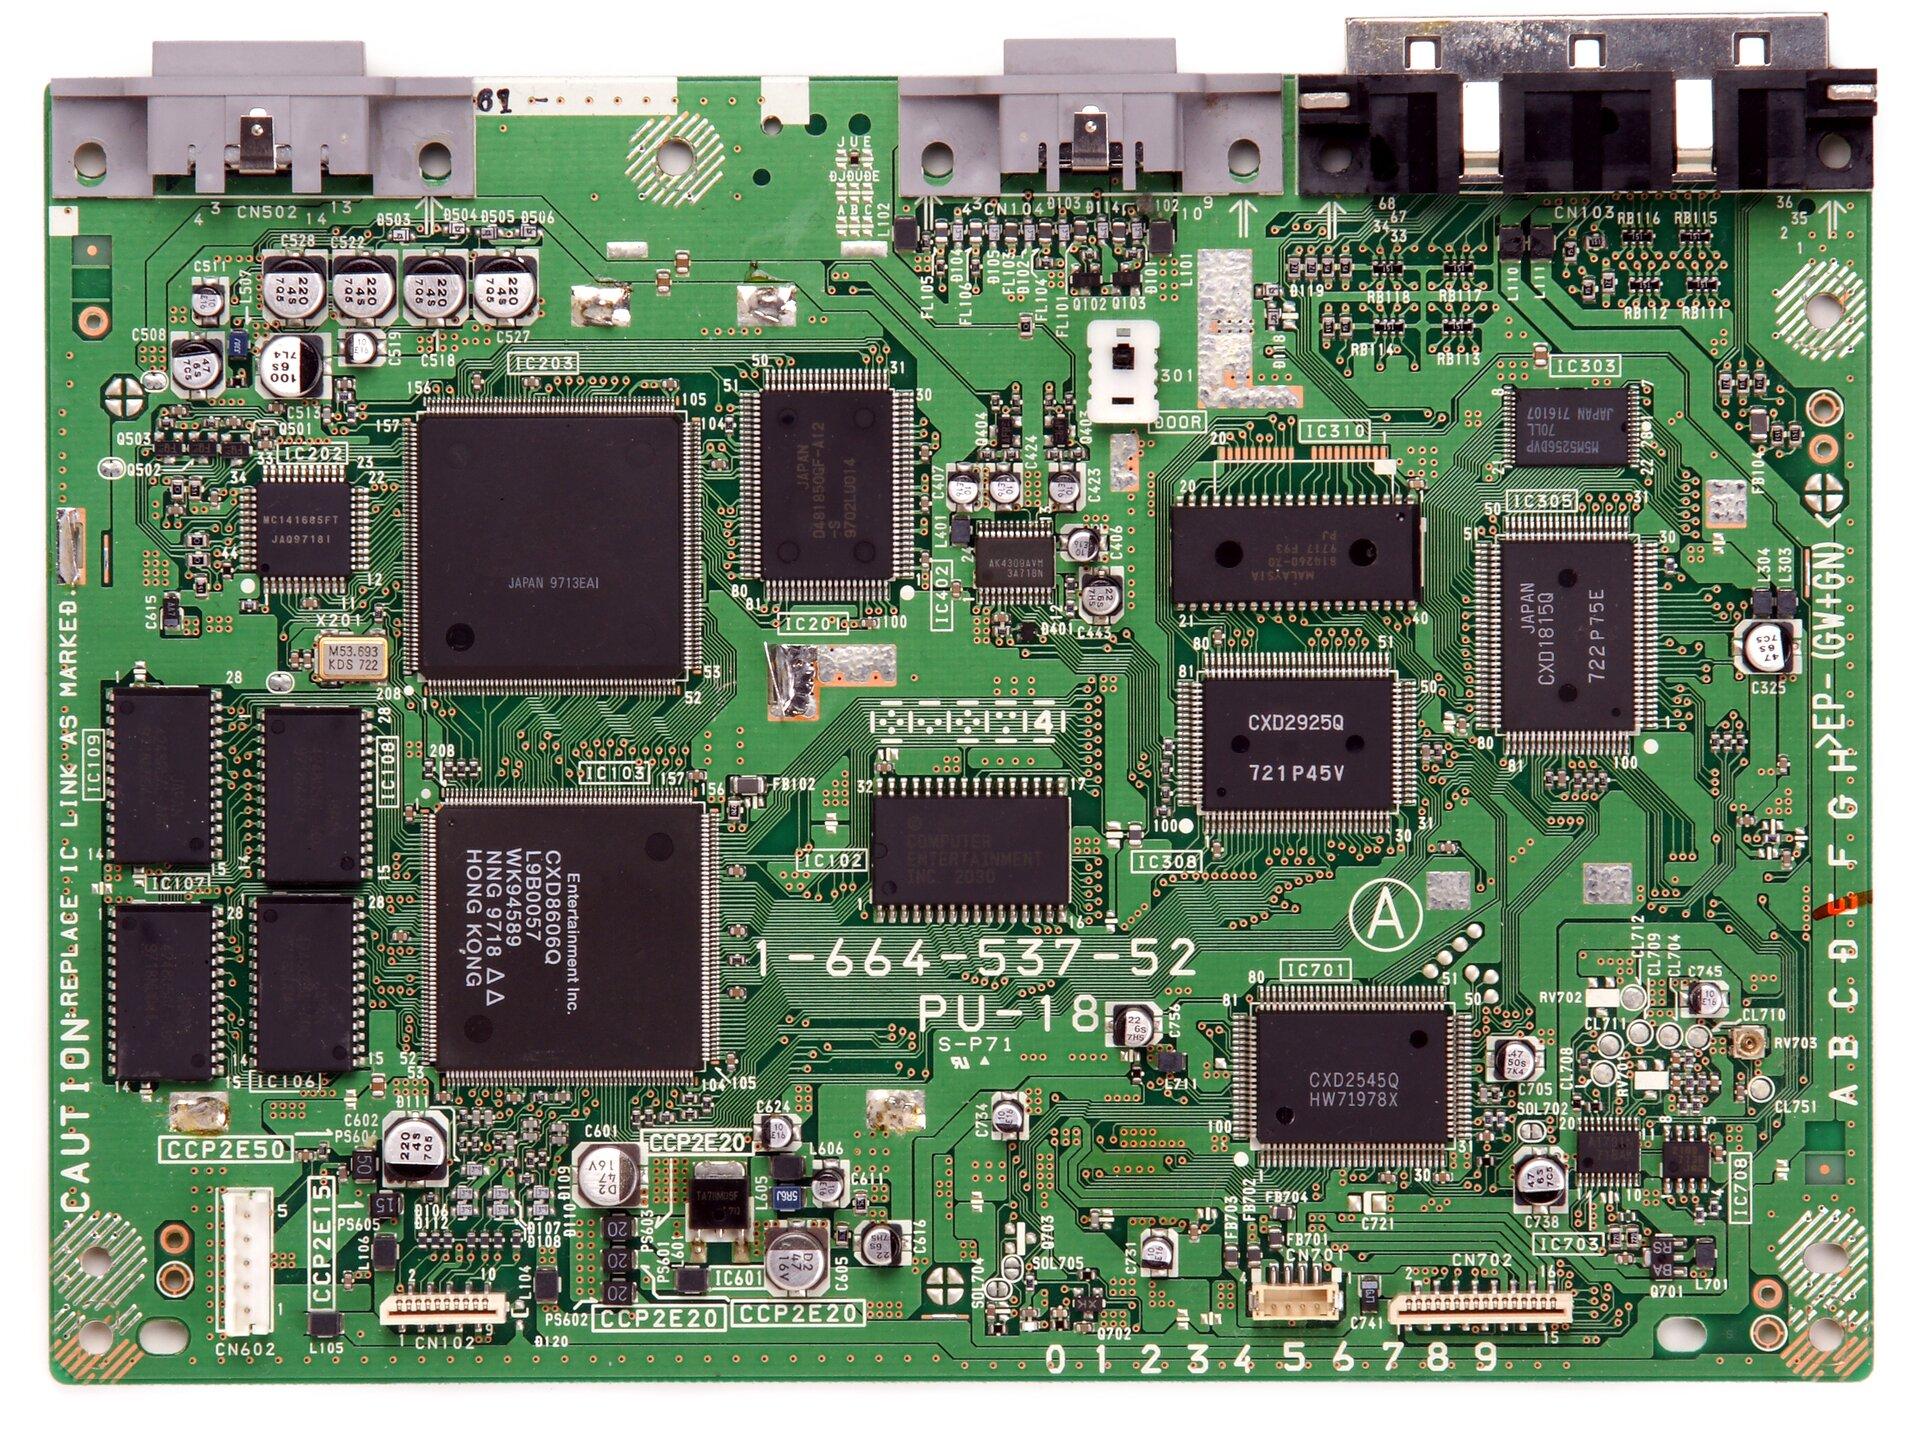 Zdjęcie przedstawia skomplikowany układ elektryczny. Jest to zielona płyta, na której zamocowane są różne elementy, połączone elektrycznie tak, aby realizowały określoną funkcję.